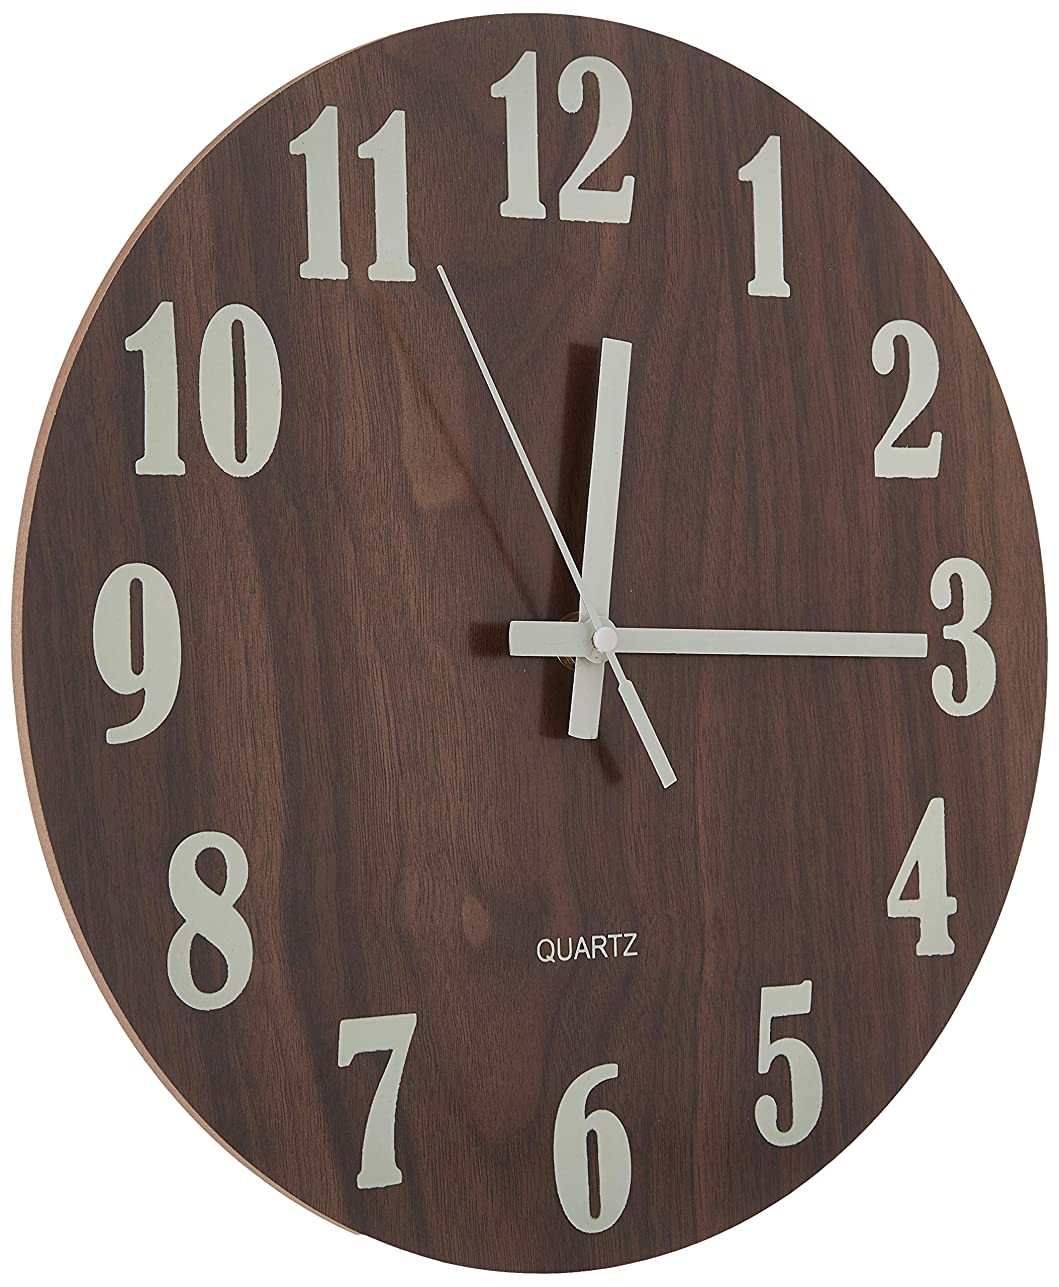 仲間給料致命的壁掛け時計 木製 サイレント 連続秒針 夜光 大文字 アナログ クロック 掛け時計 インテリア